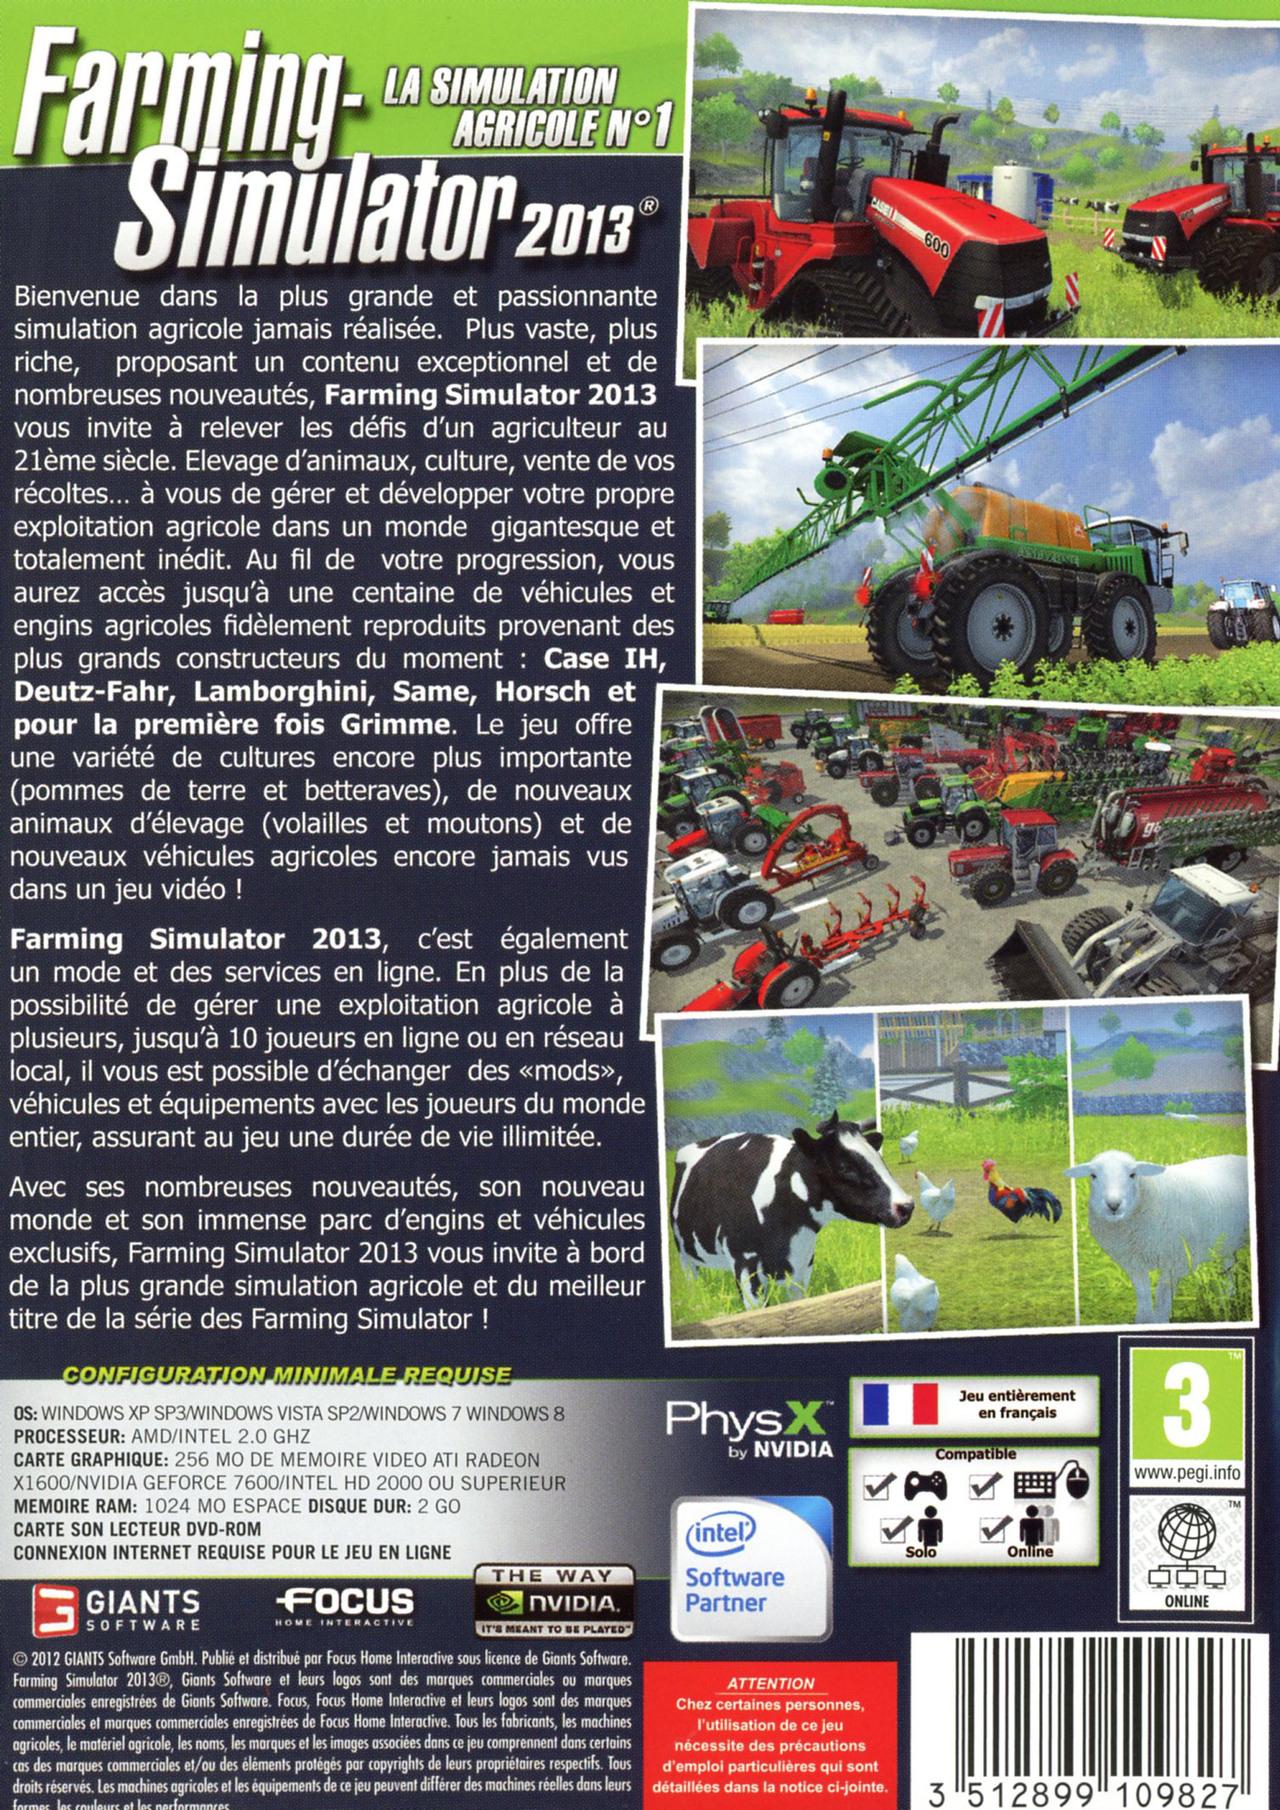 Farming Simulator 2013 for PC Reviews Metacritic